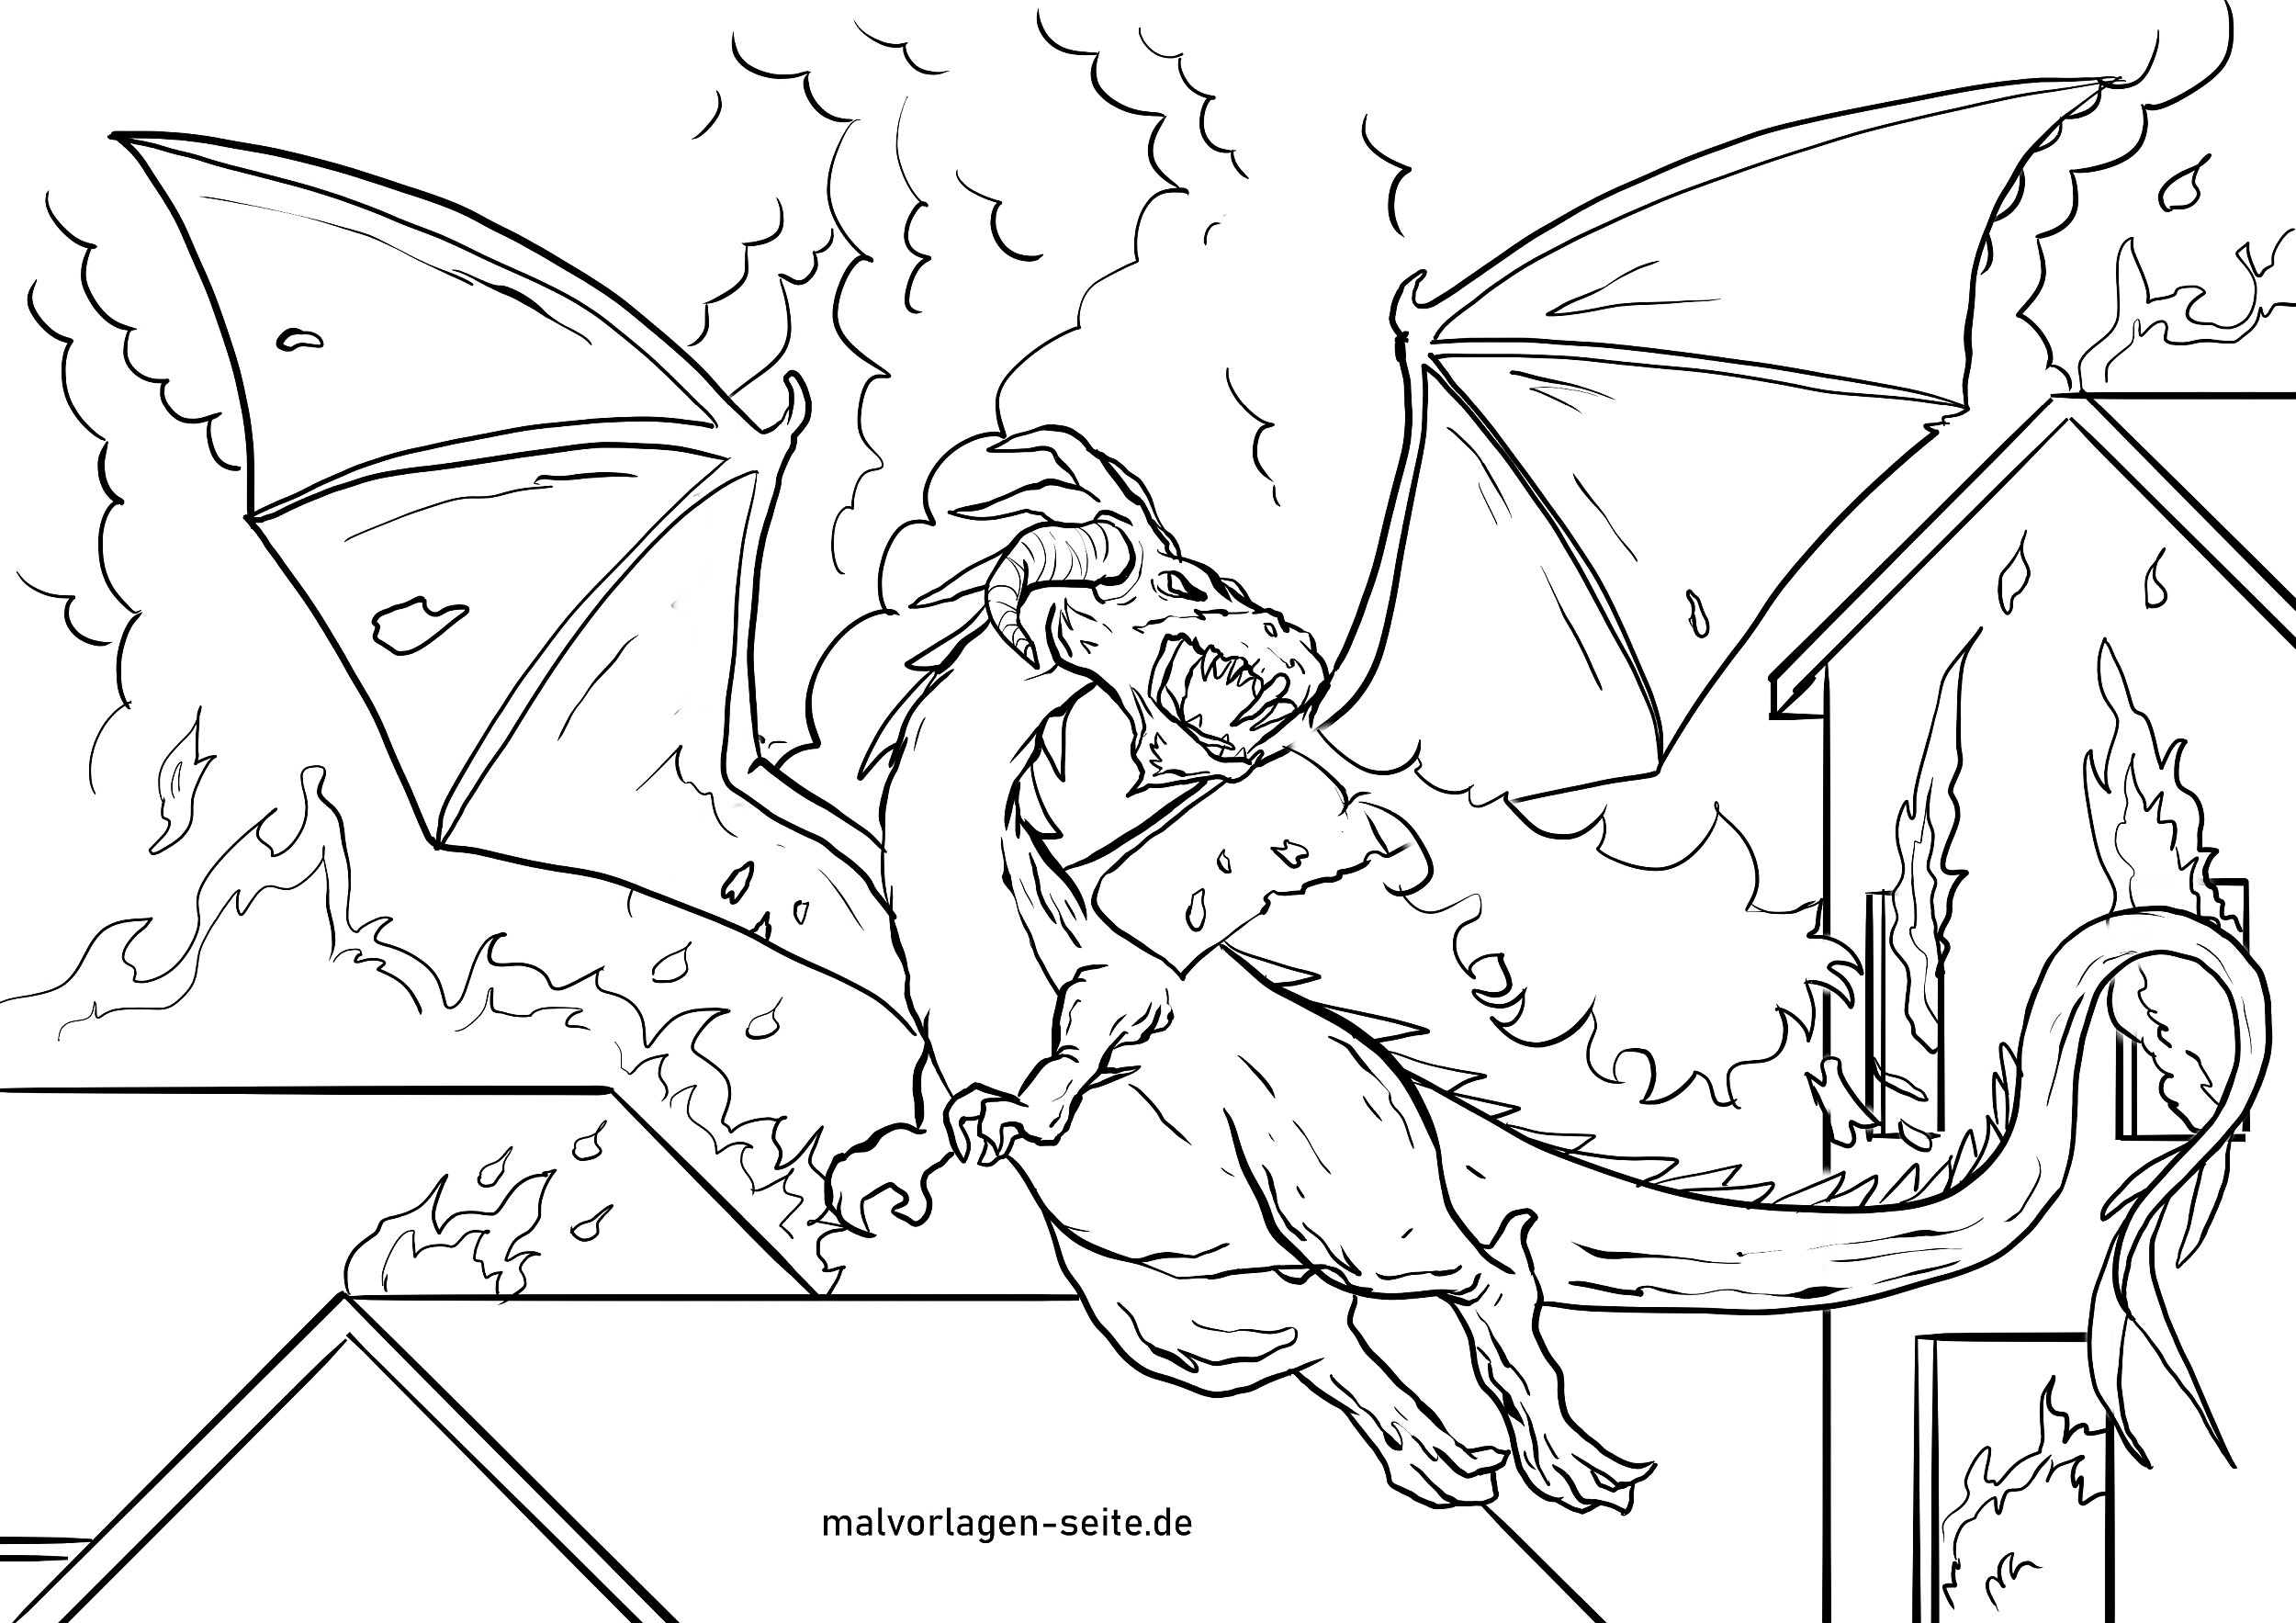 Malvorlage Drachen | Fabelwesen - Ausmalbilder Kostenlos verwandt mit Malvorlage Drachen Herbst